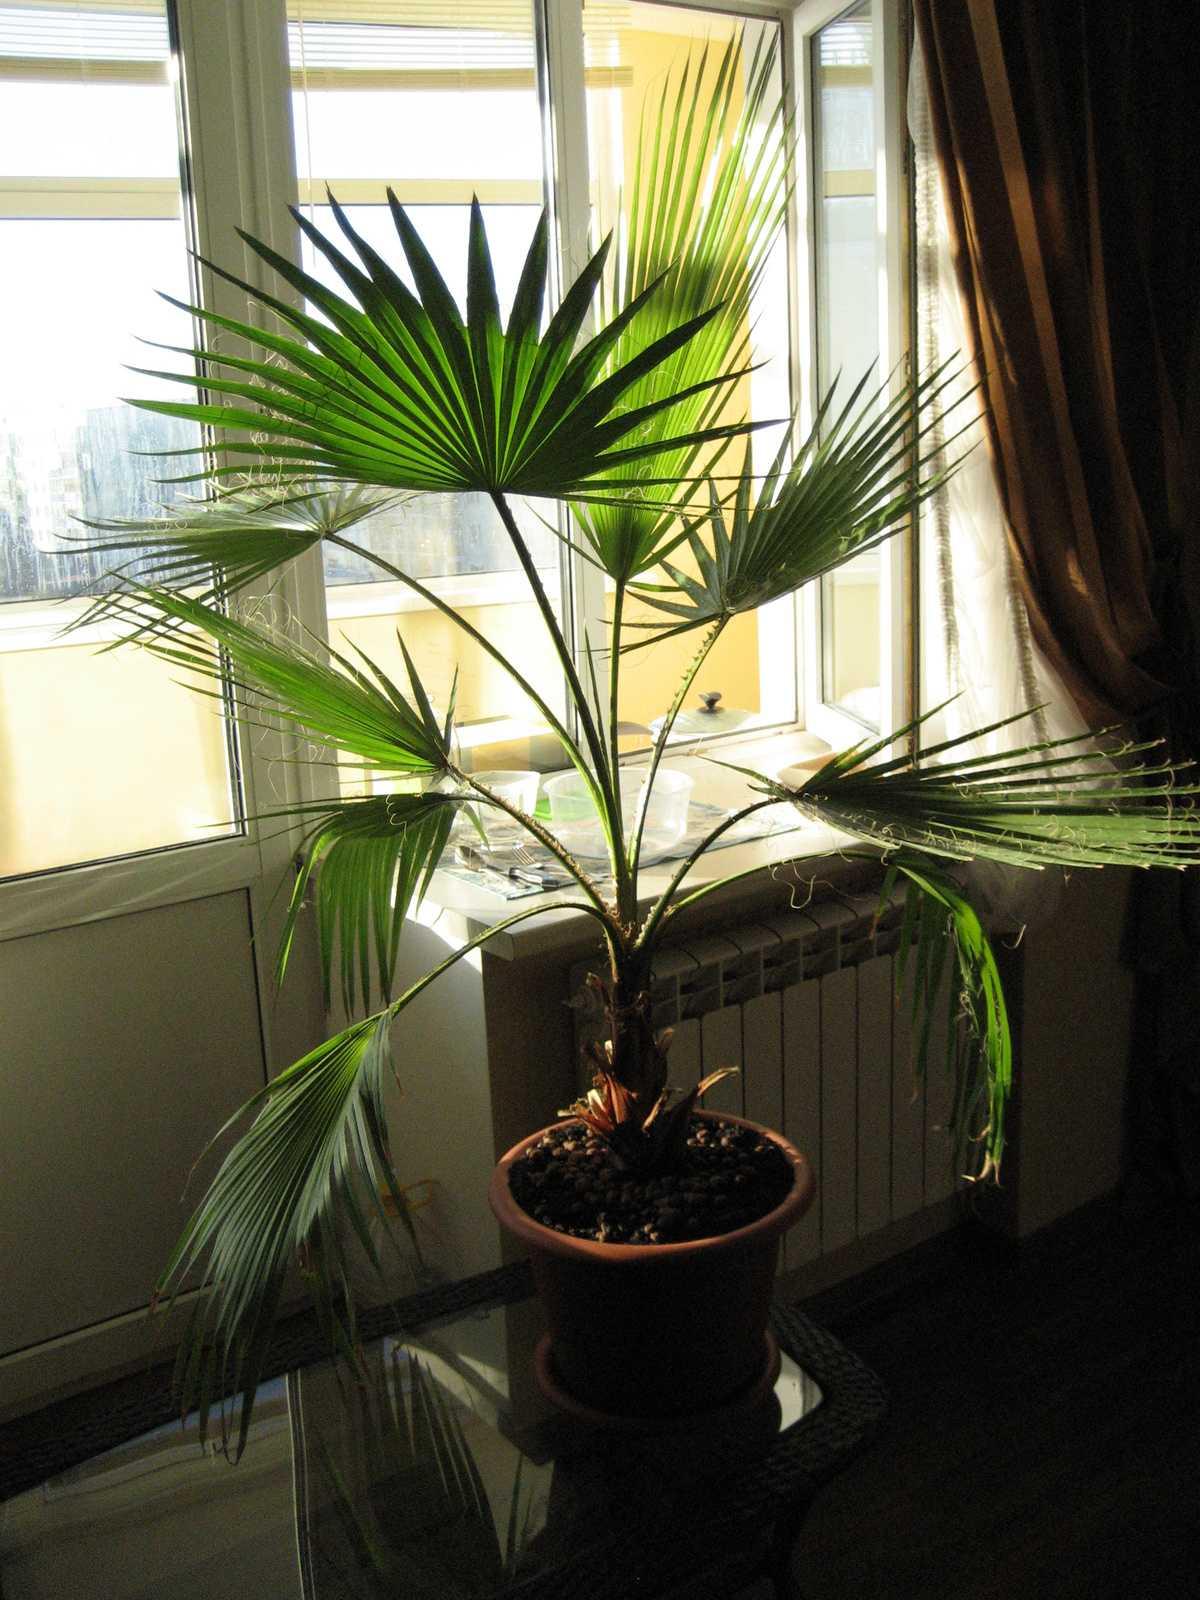 komnatnaya-palma-foto-video-vidy-palm-nazvanie-i-opisanie-rasteniya-29